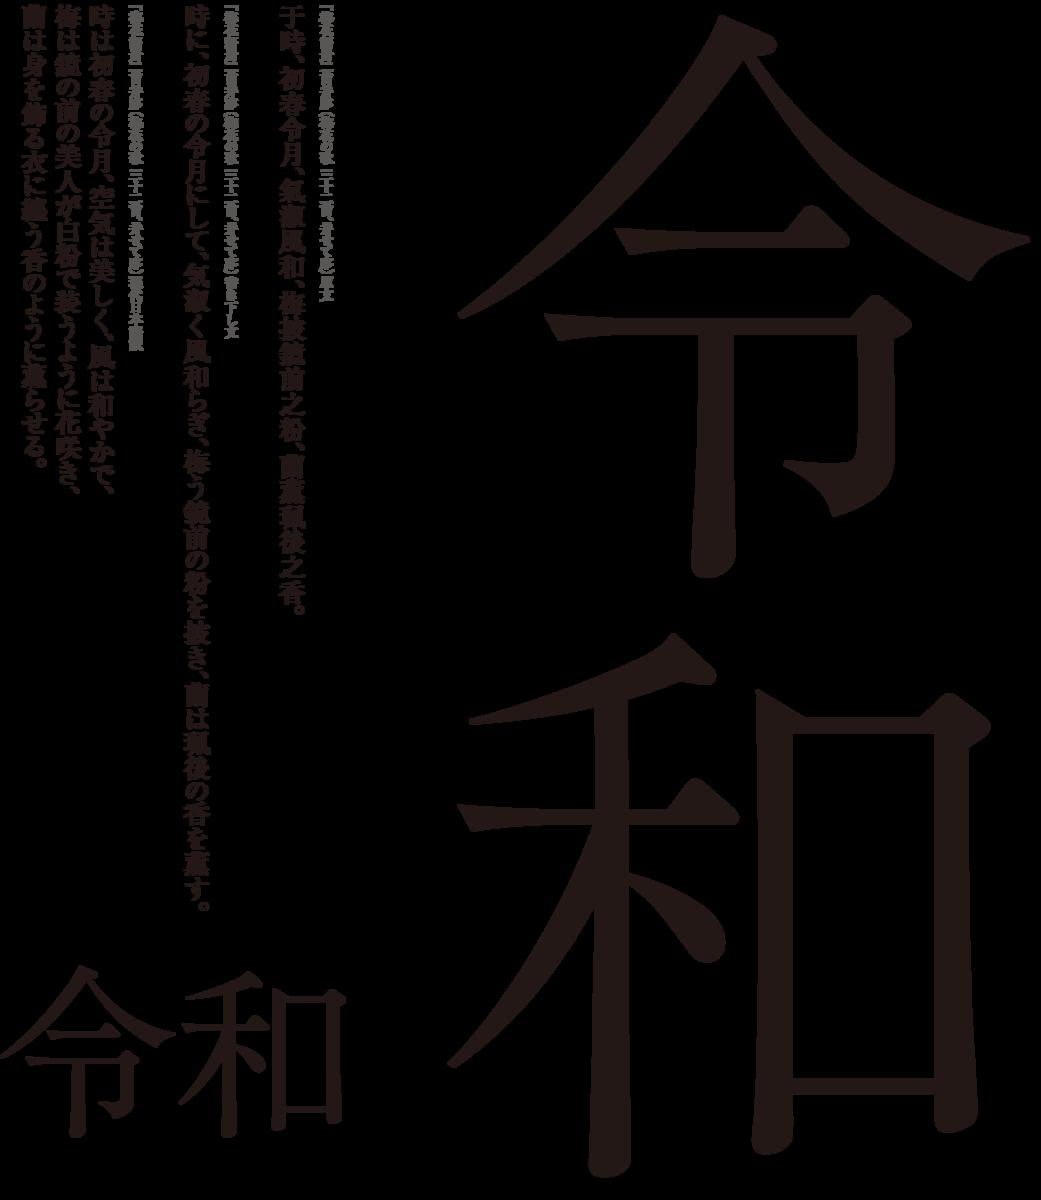 f:id:mojiru:20190404102308p:plain